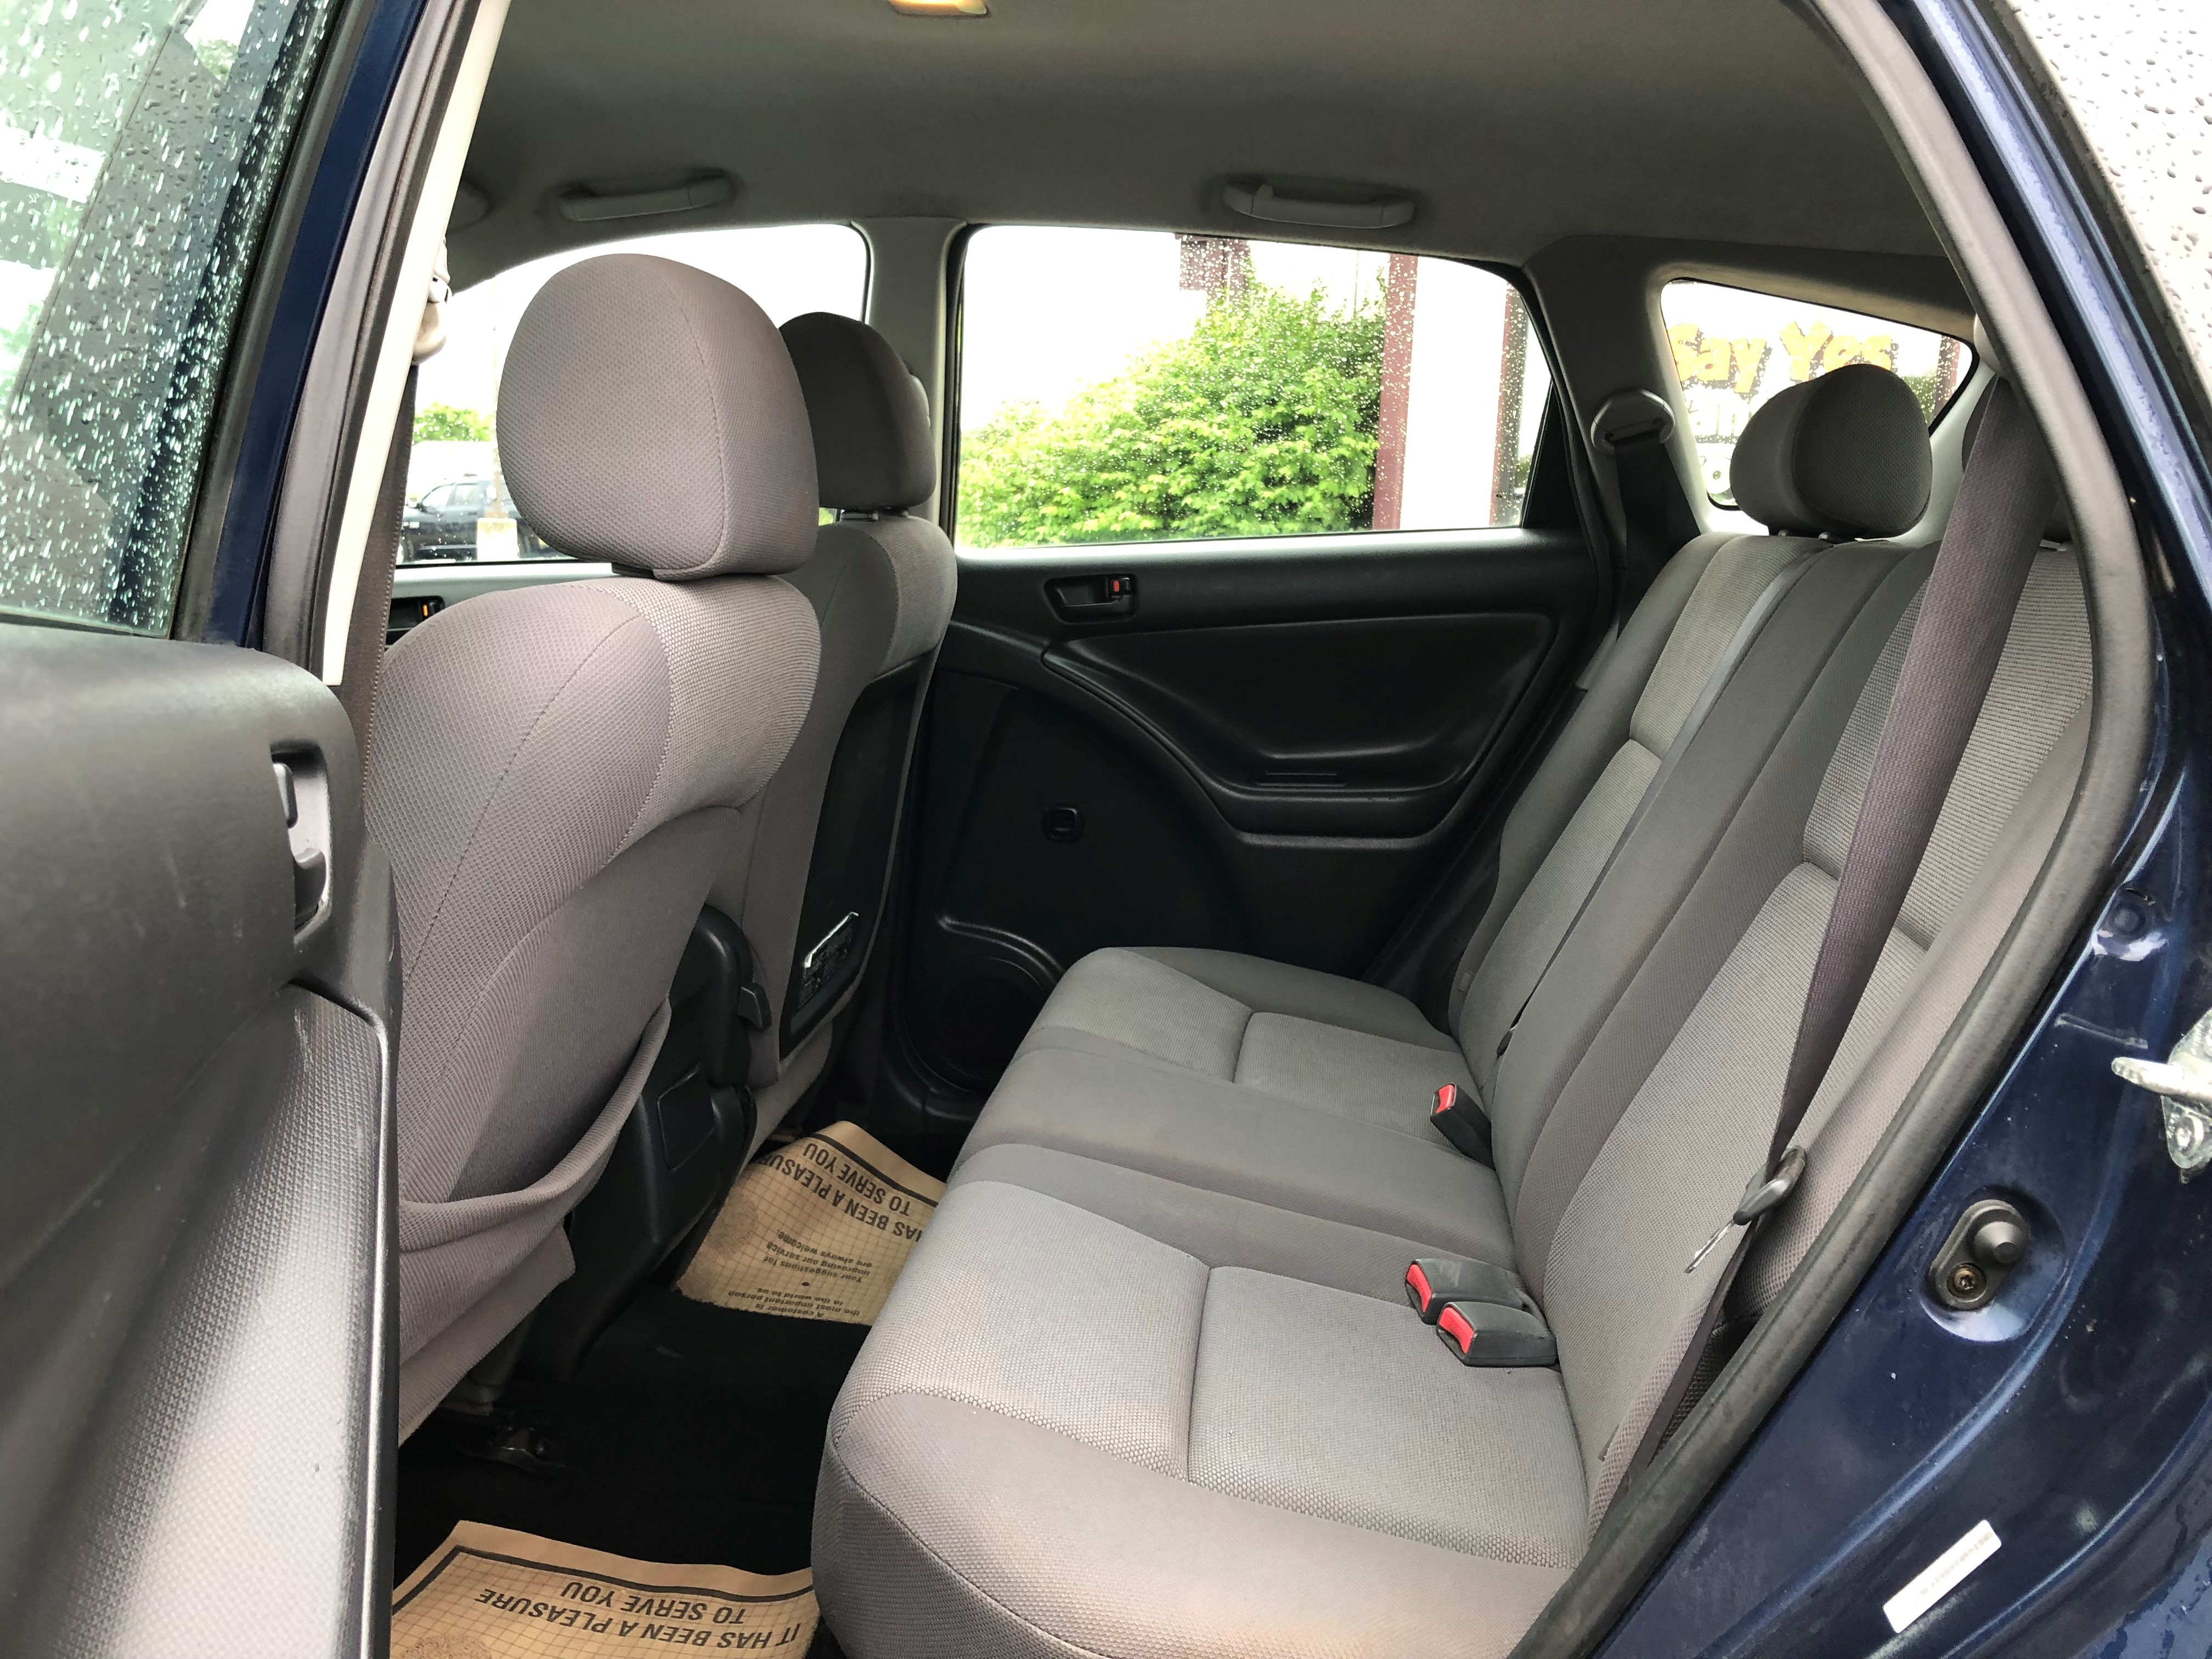 used vehicle - Sedan PONTIAC VIBE 2004